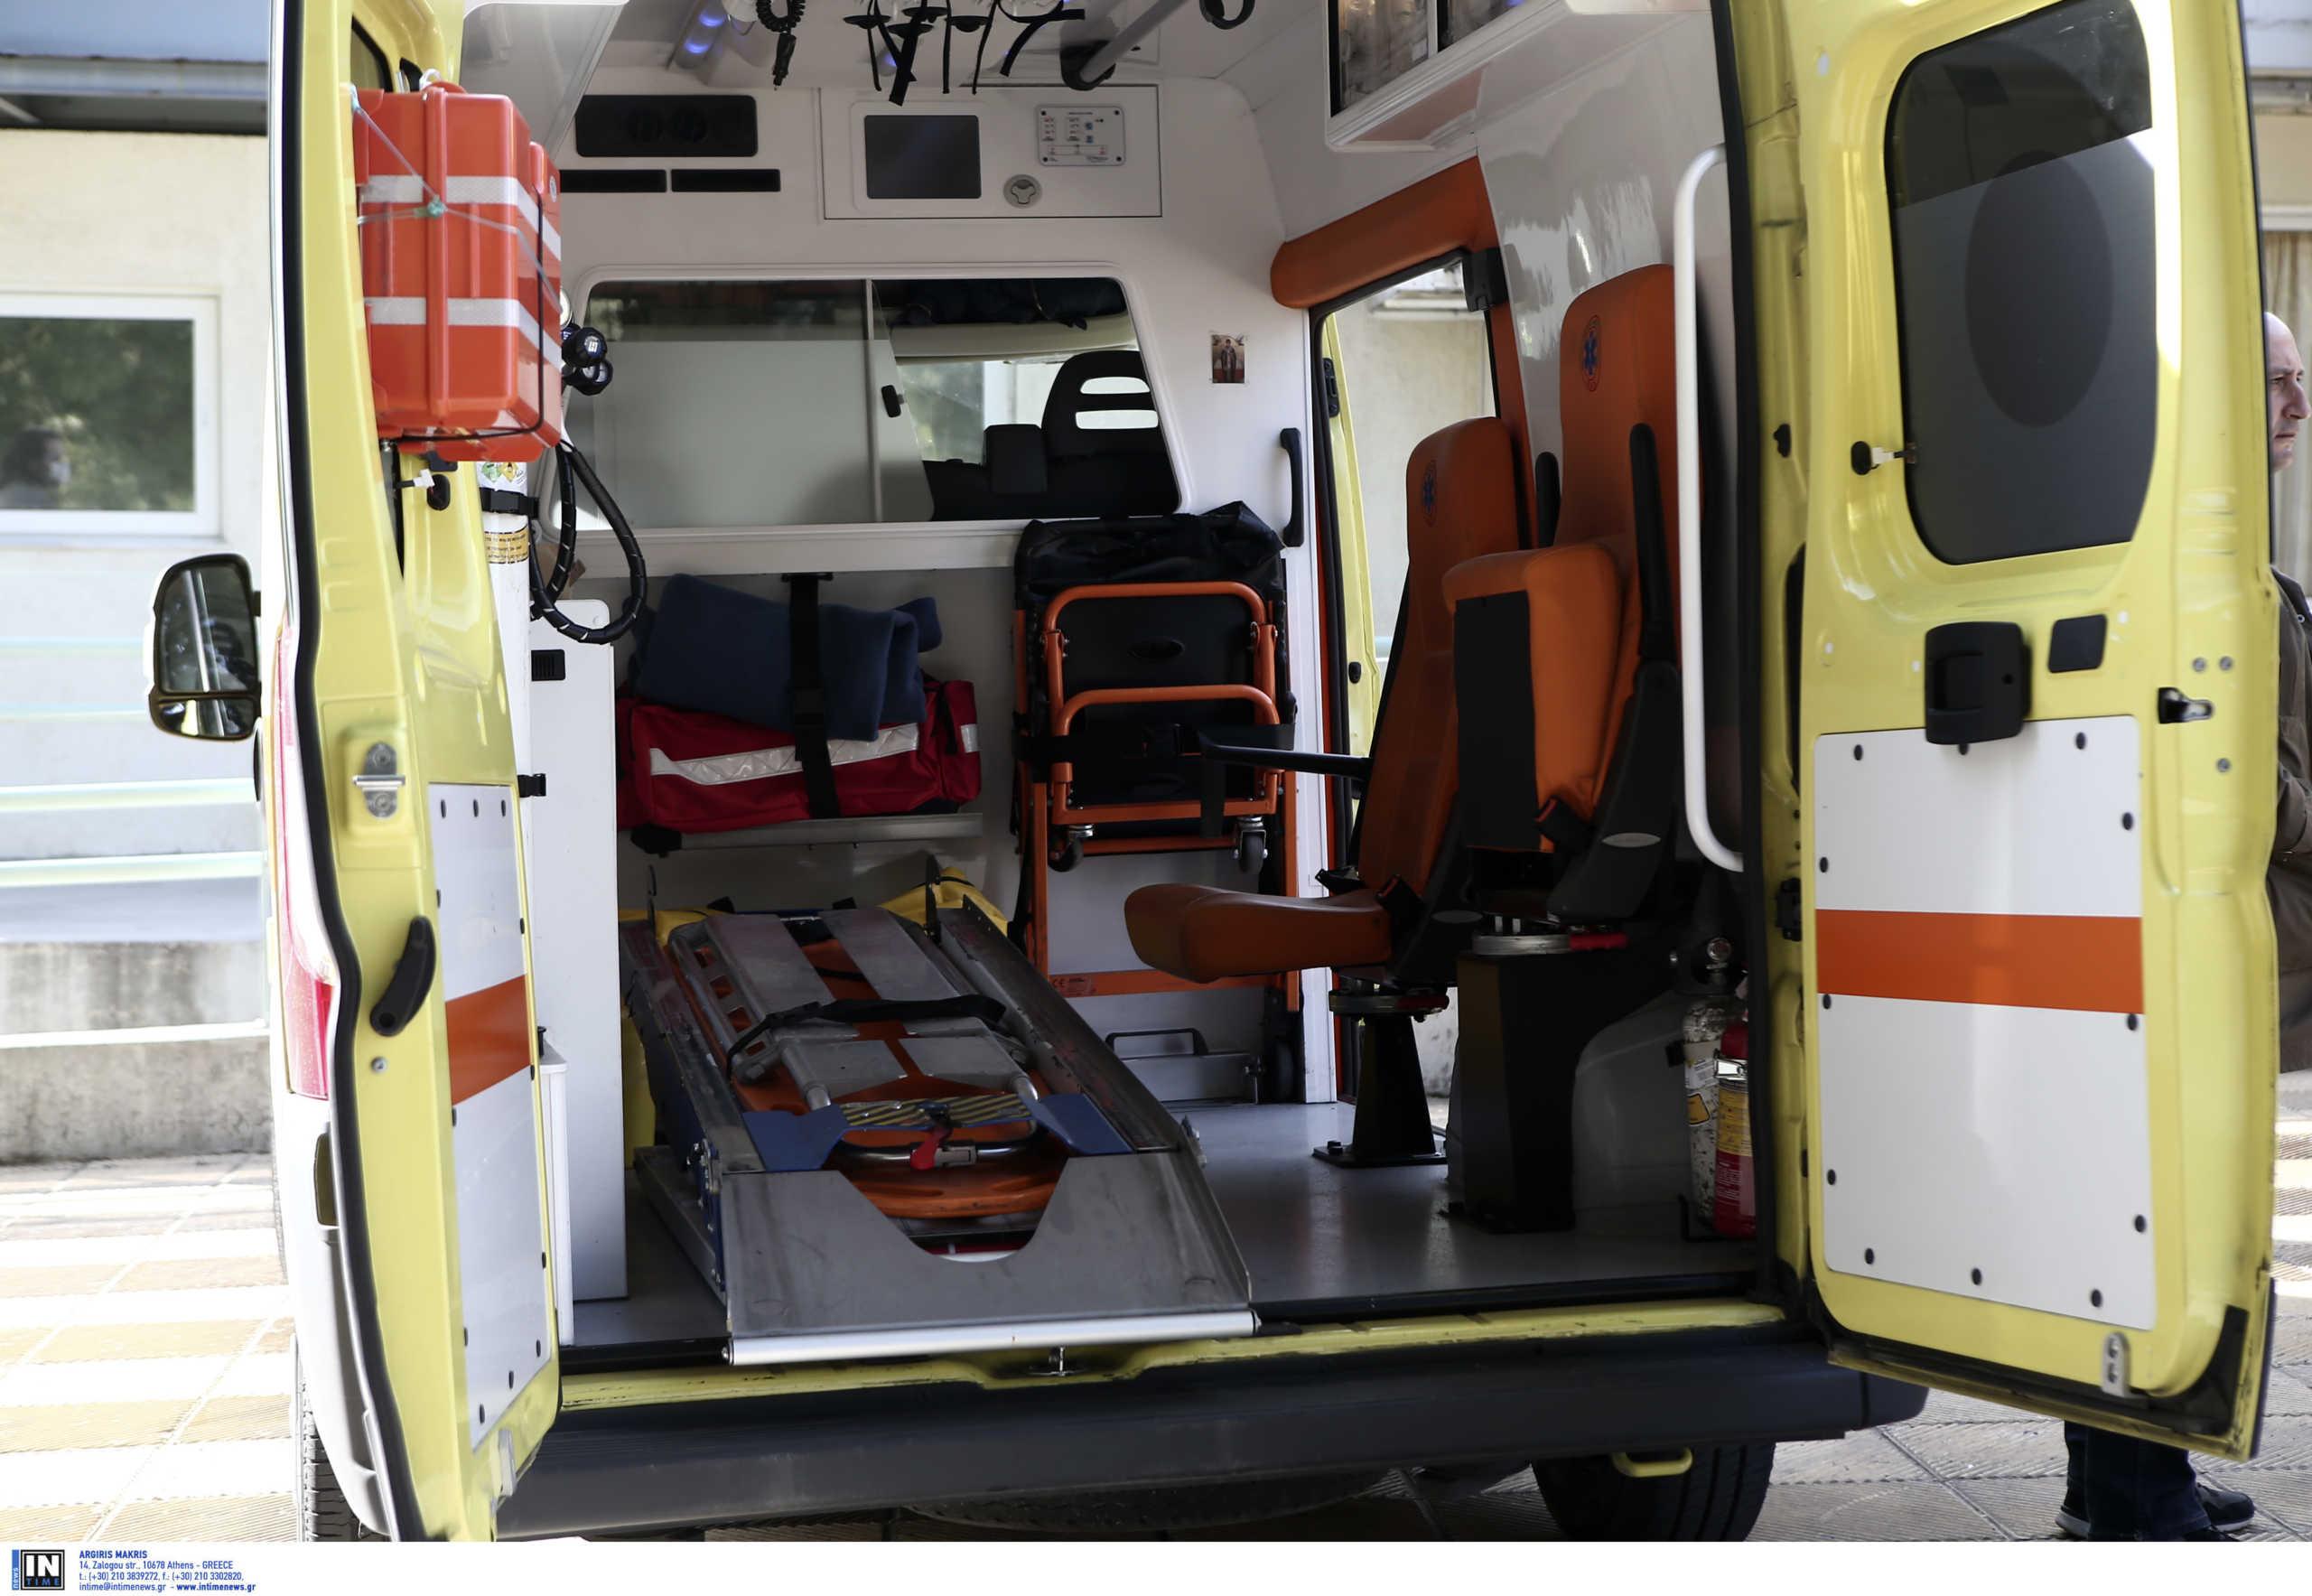 Ηράκλειο: Πέθανε μπροστά στον άντρα της – Σπαραγμός για τον αναπάντεχο θάνατο της 54χρονης